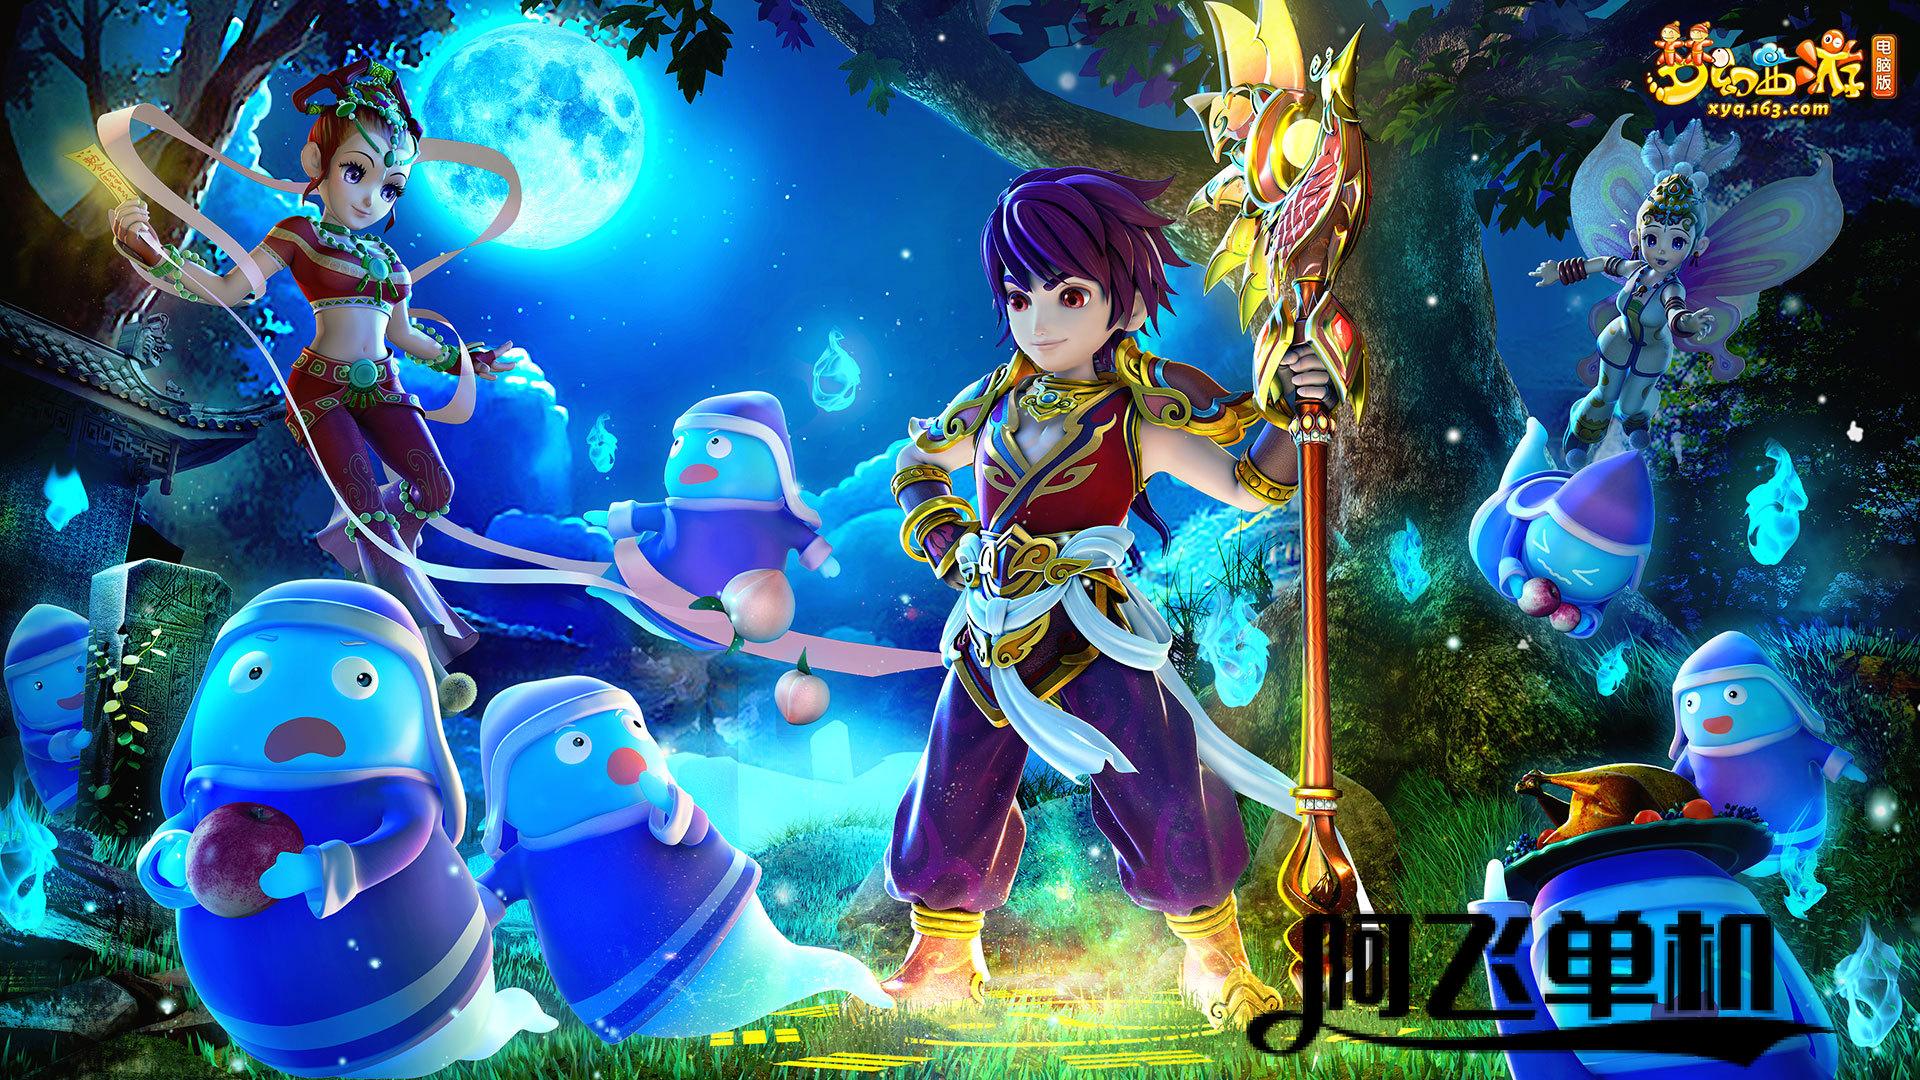 《控制》首个DLC将在3月26日发售 第二个DLC今年中旬推出